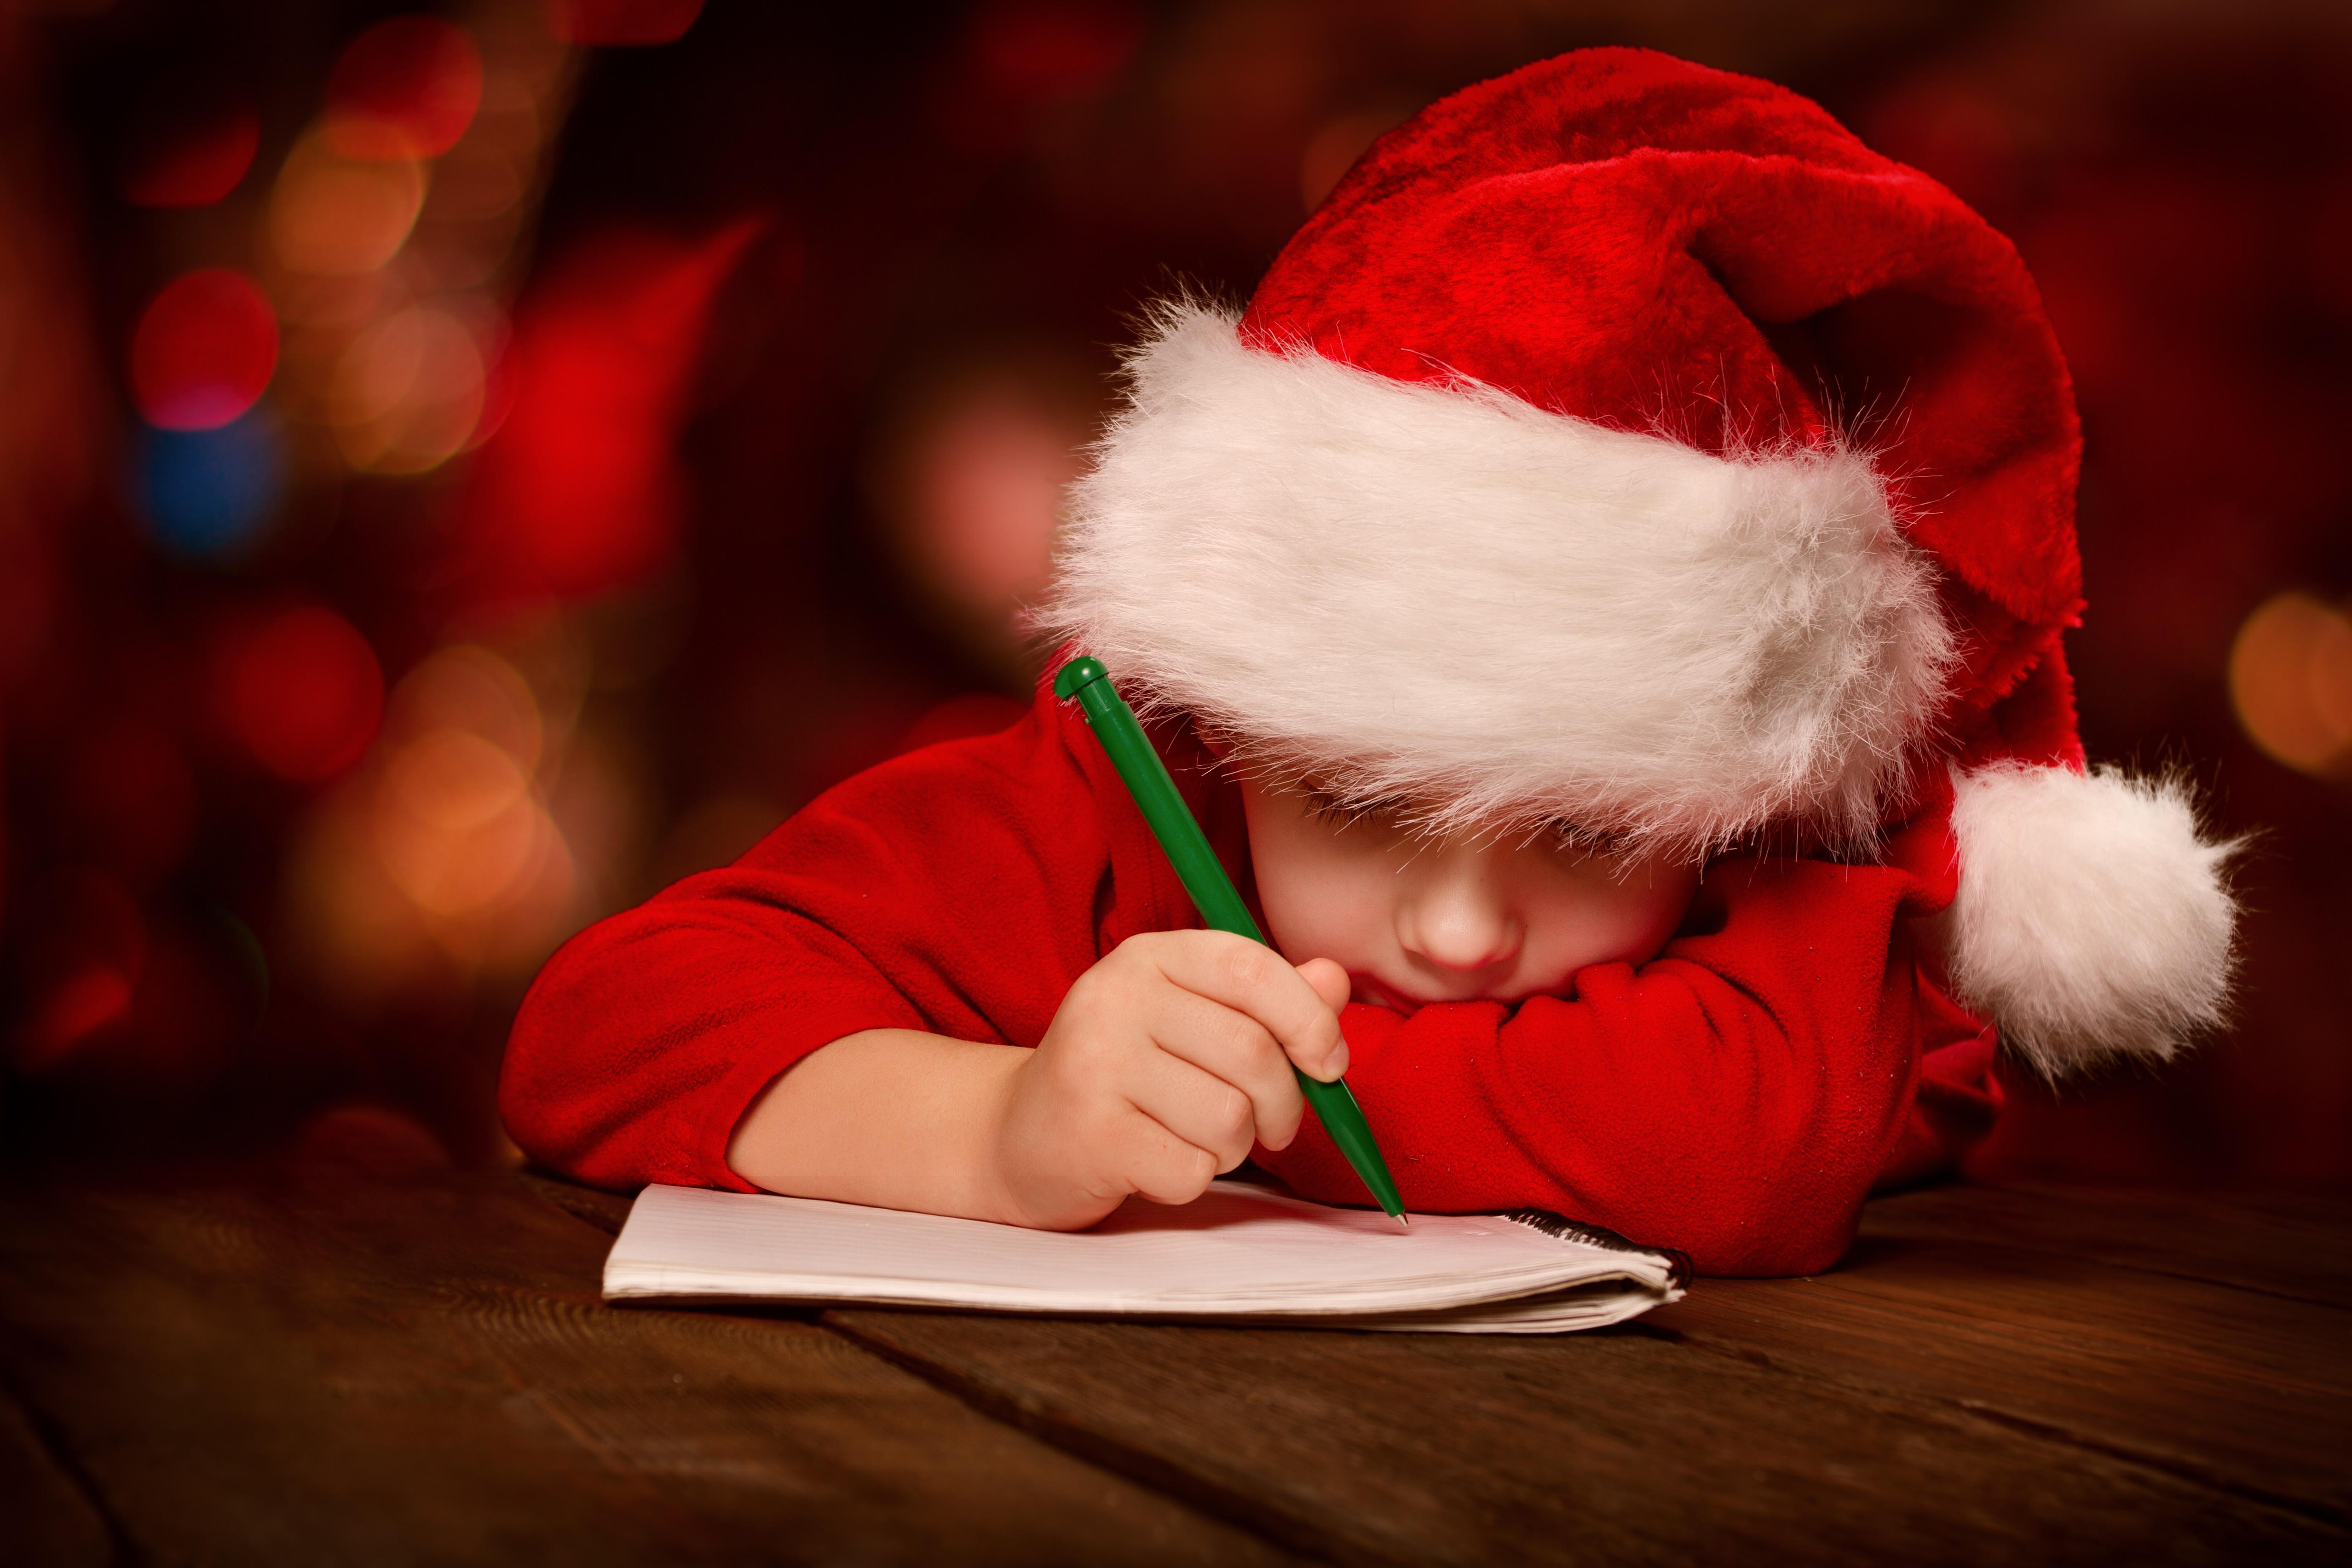 Scrisoarea unei fetițe către Moș Crăciun a devenit virală. Ce i-a cerut